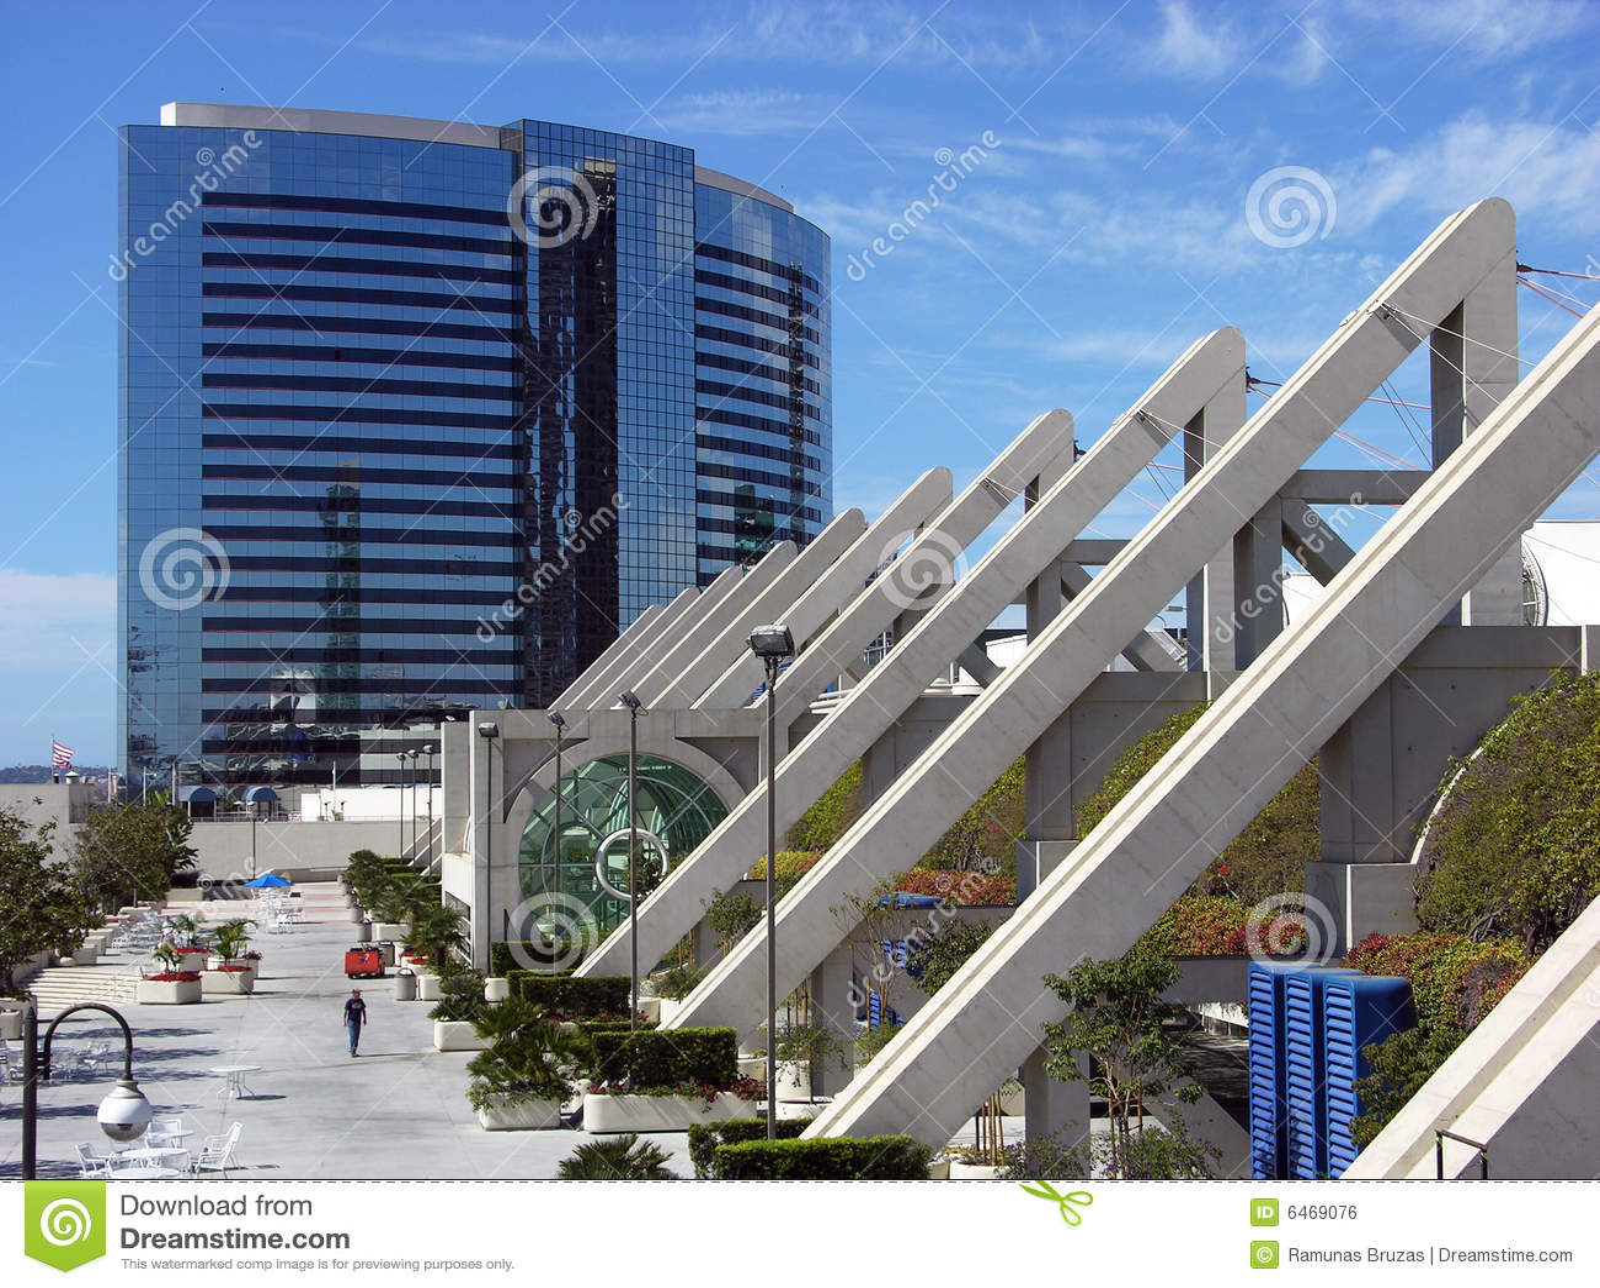 Genial San Diego Modern Architecture